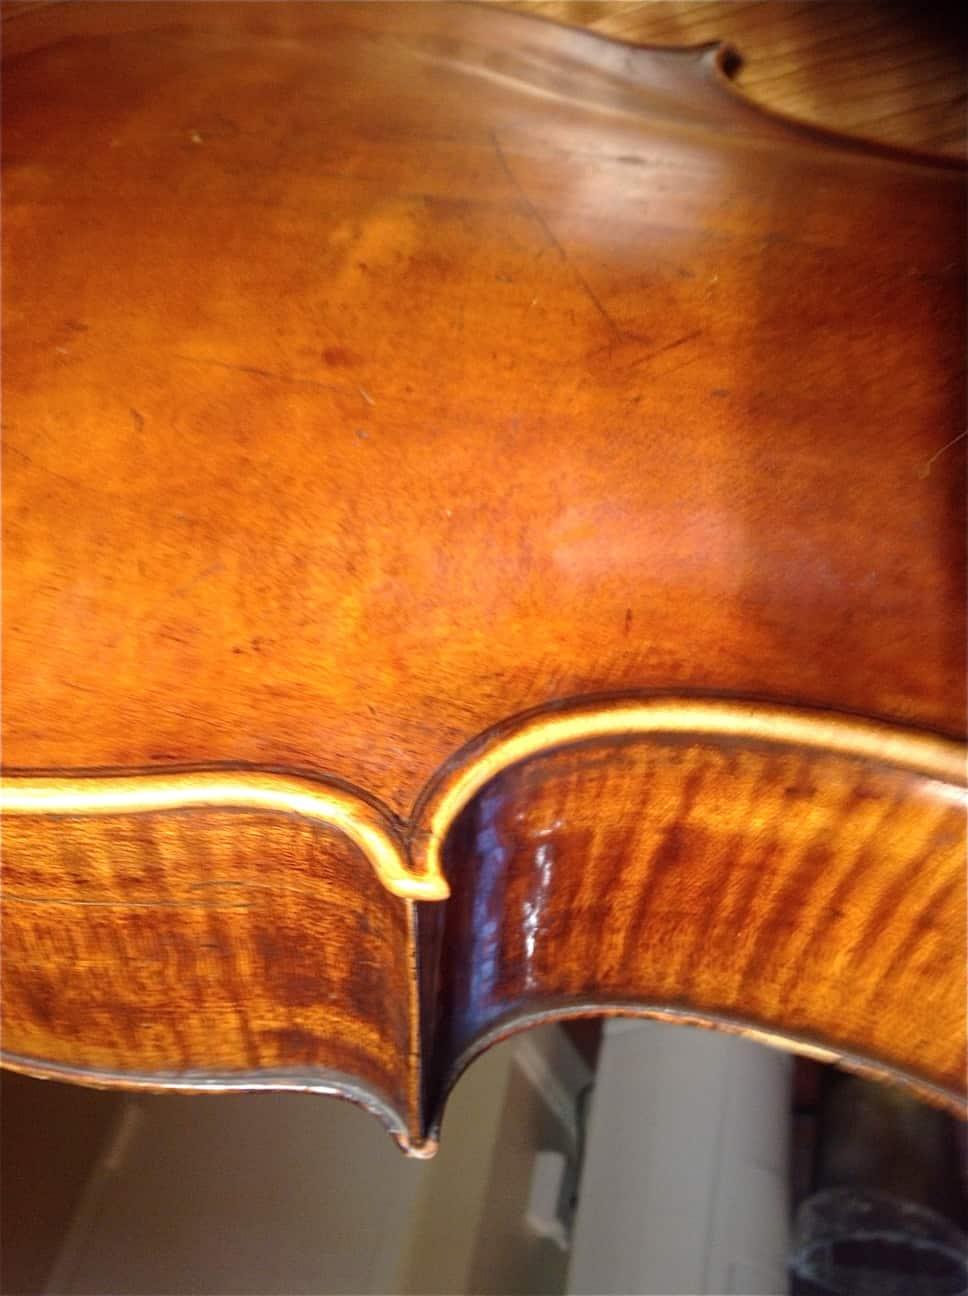 Violin Repair - AFTER